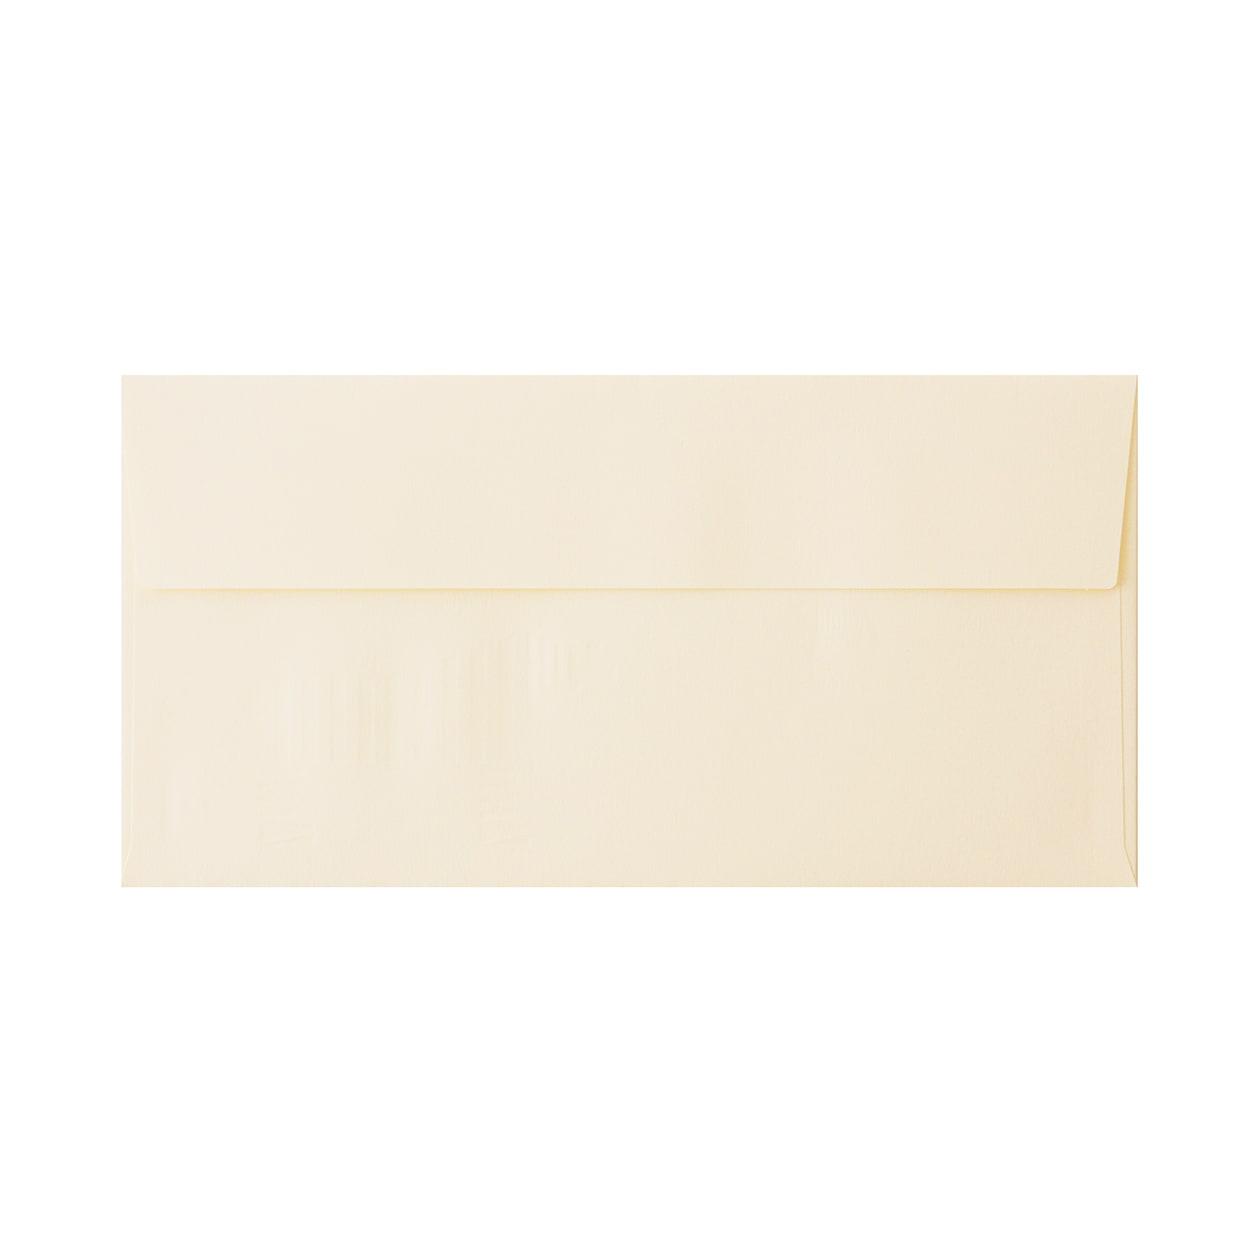 見本 00029 長3カマス封筒 コットン ナチュラル 116.3g